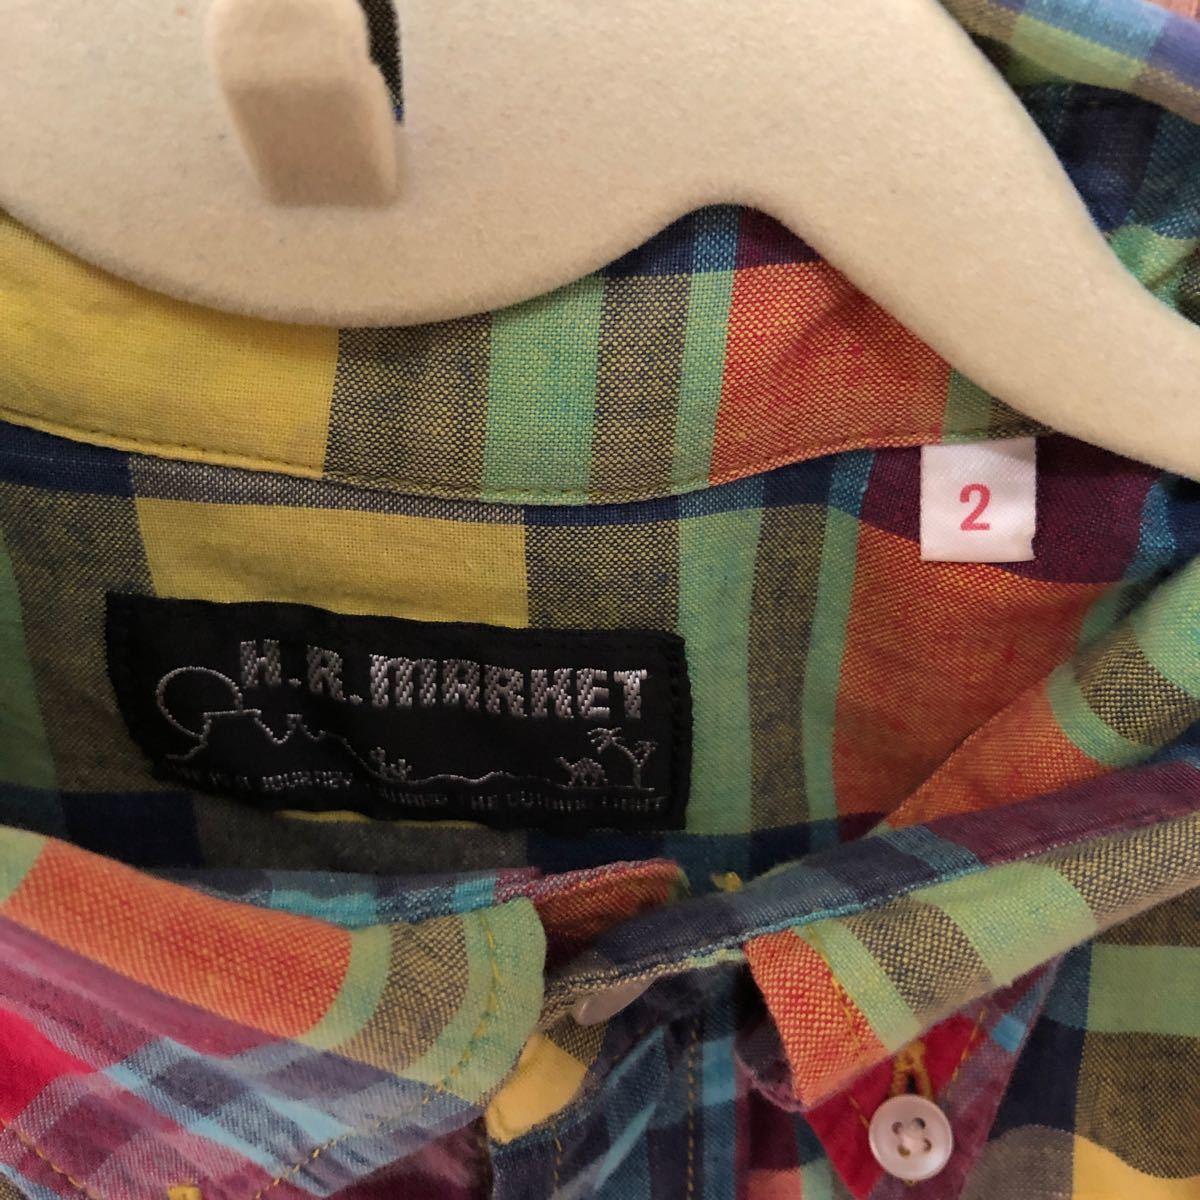 ハリウッドランチマーケット 長袖シャツ チェック柄 ネルシャツ